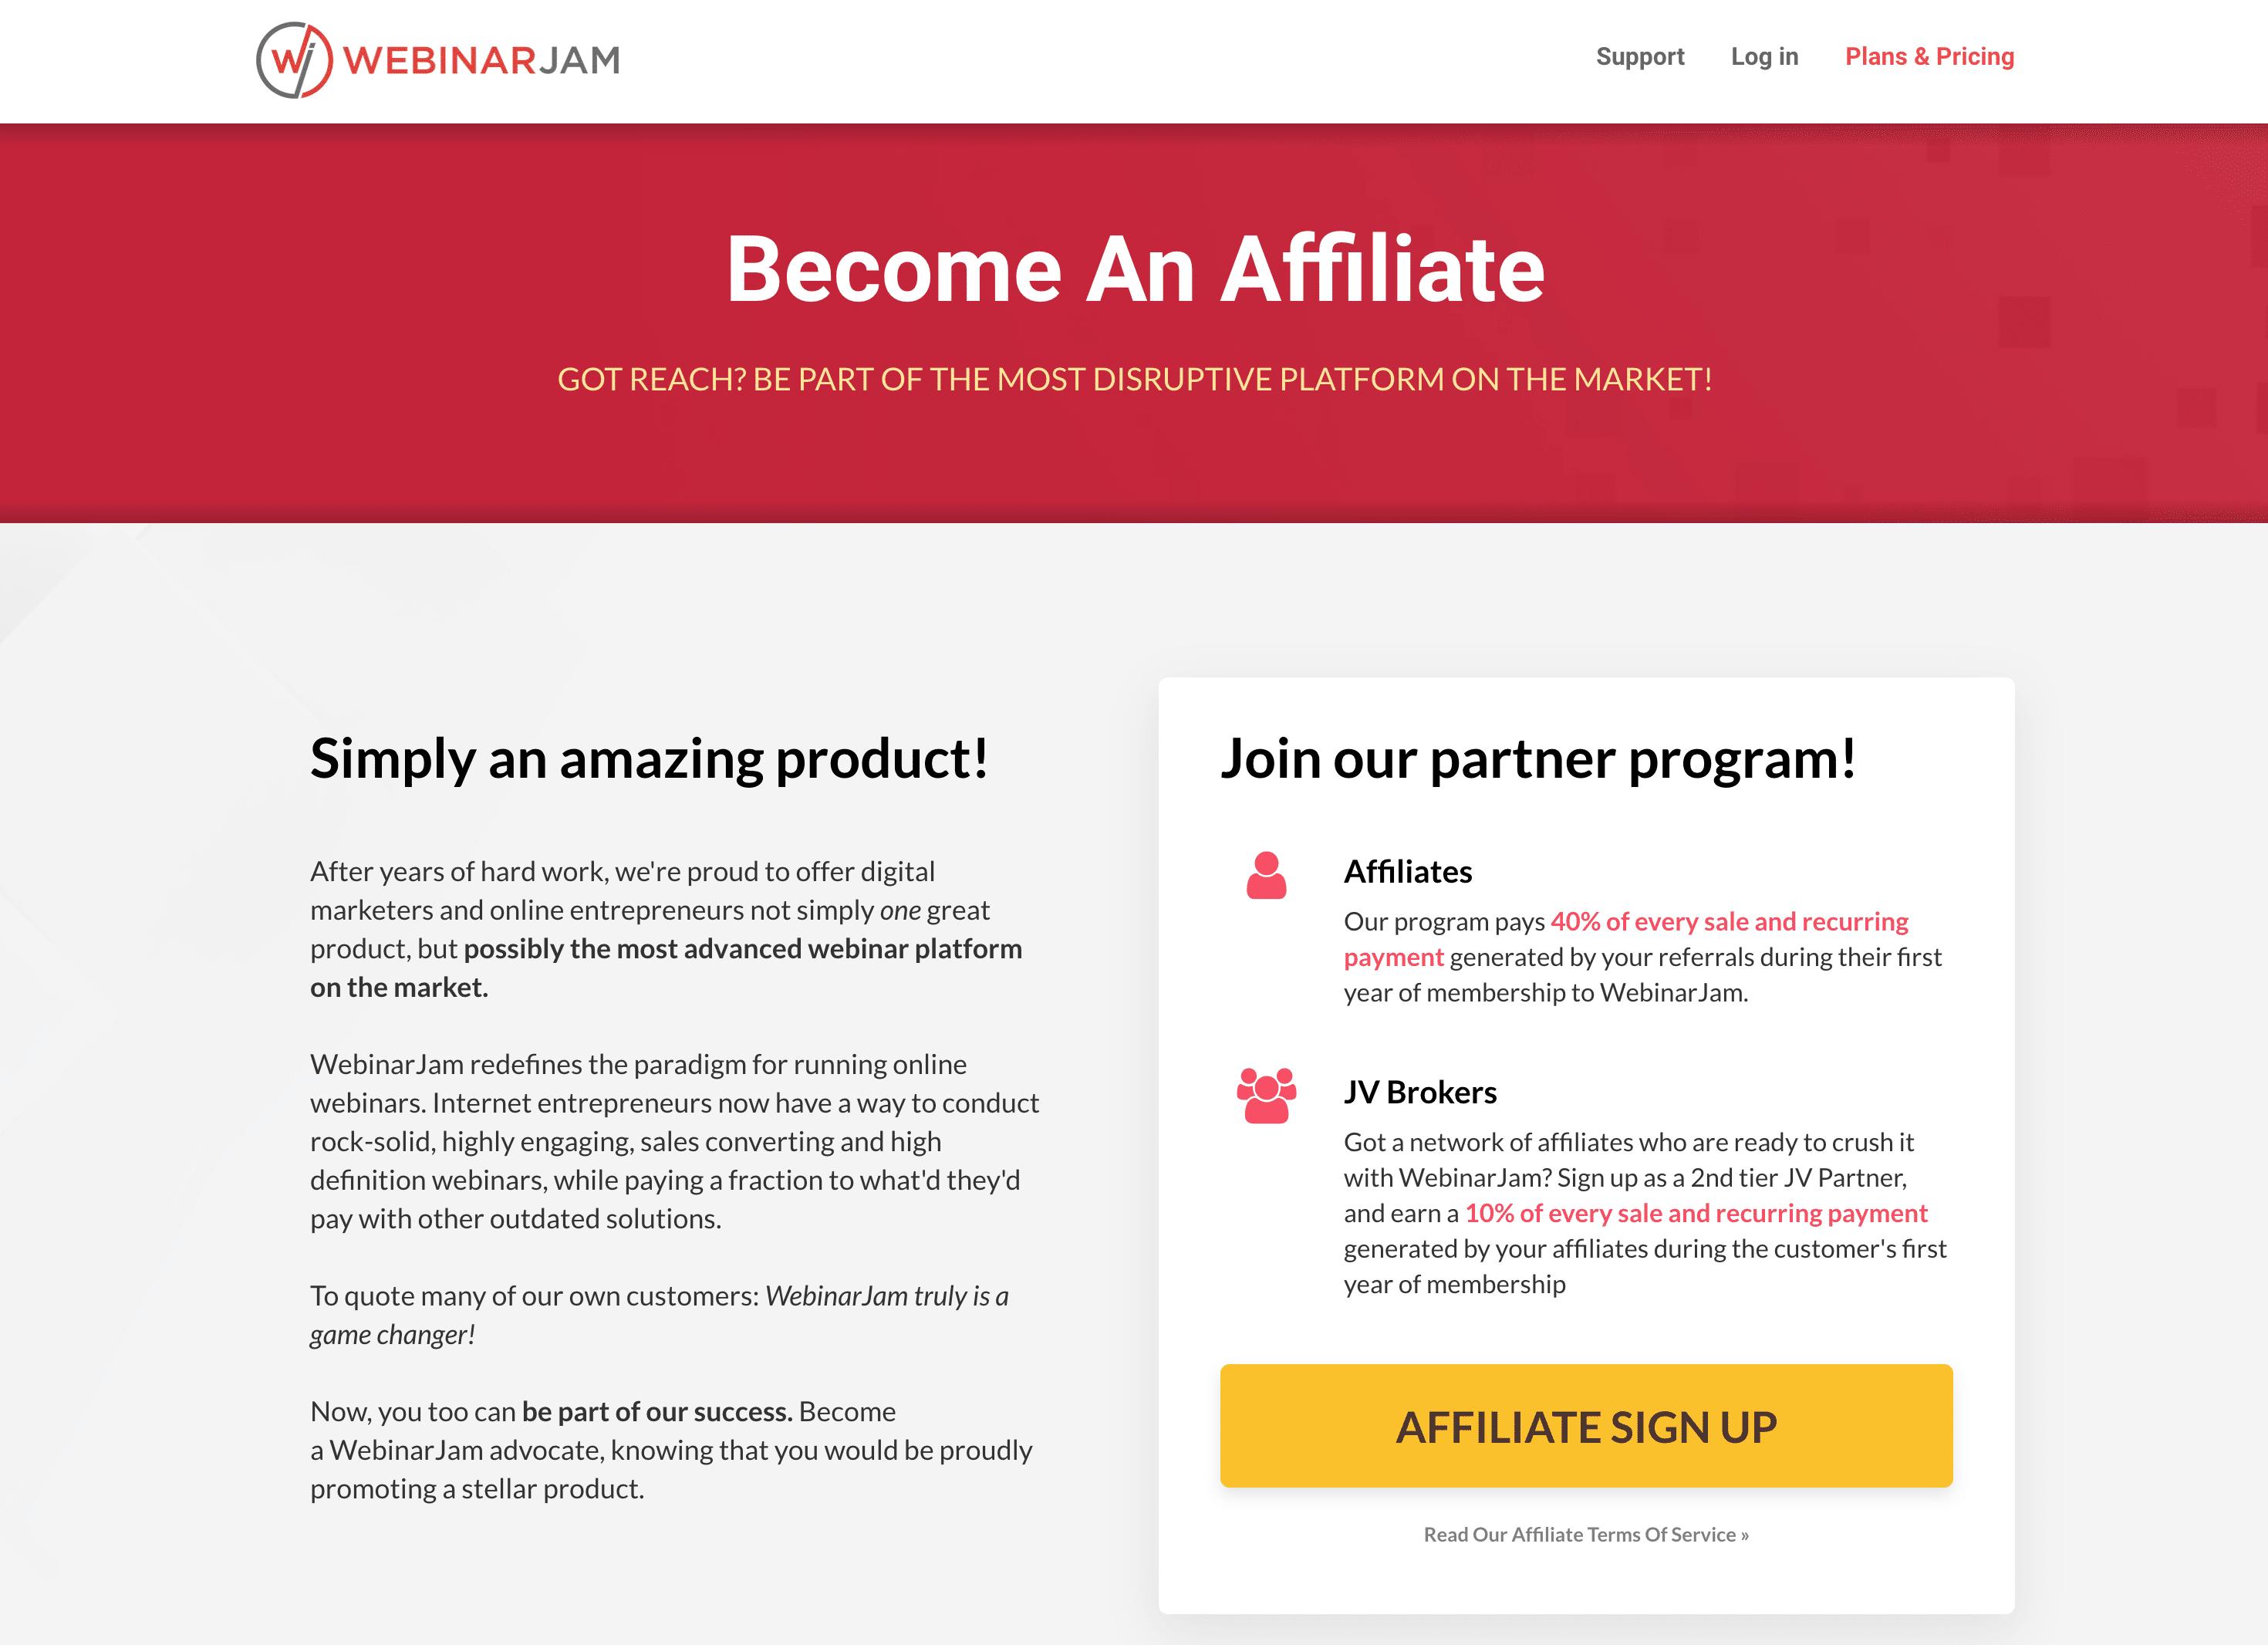 webinarjam-affiliate-program